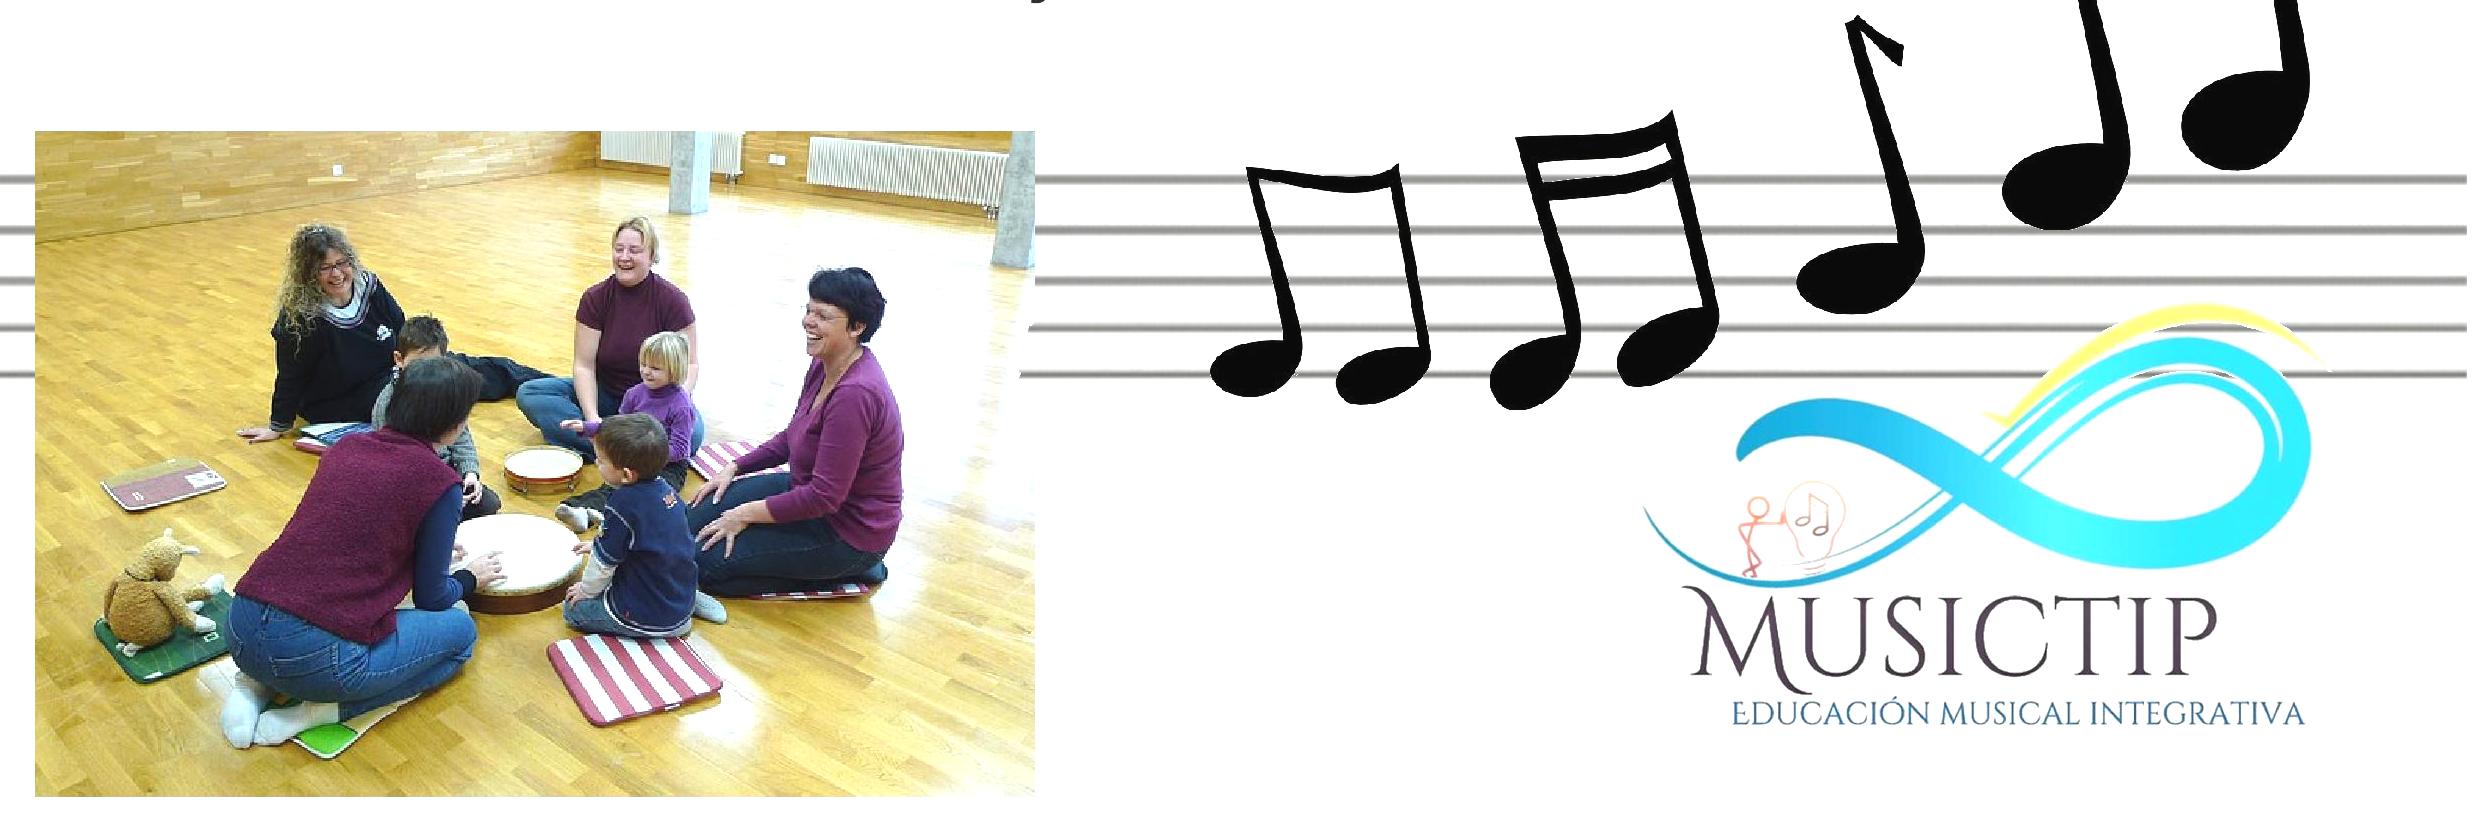 Música para los más pequeños – Musictip